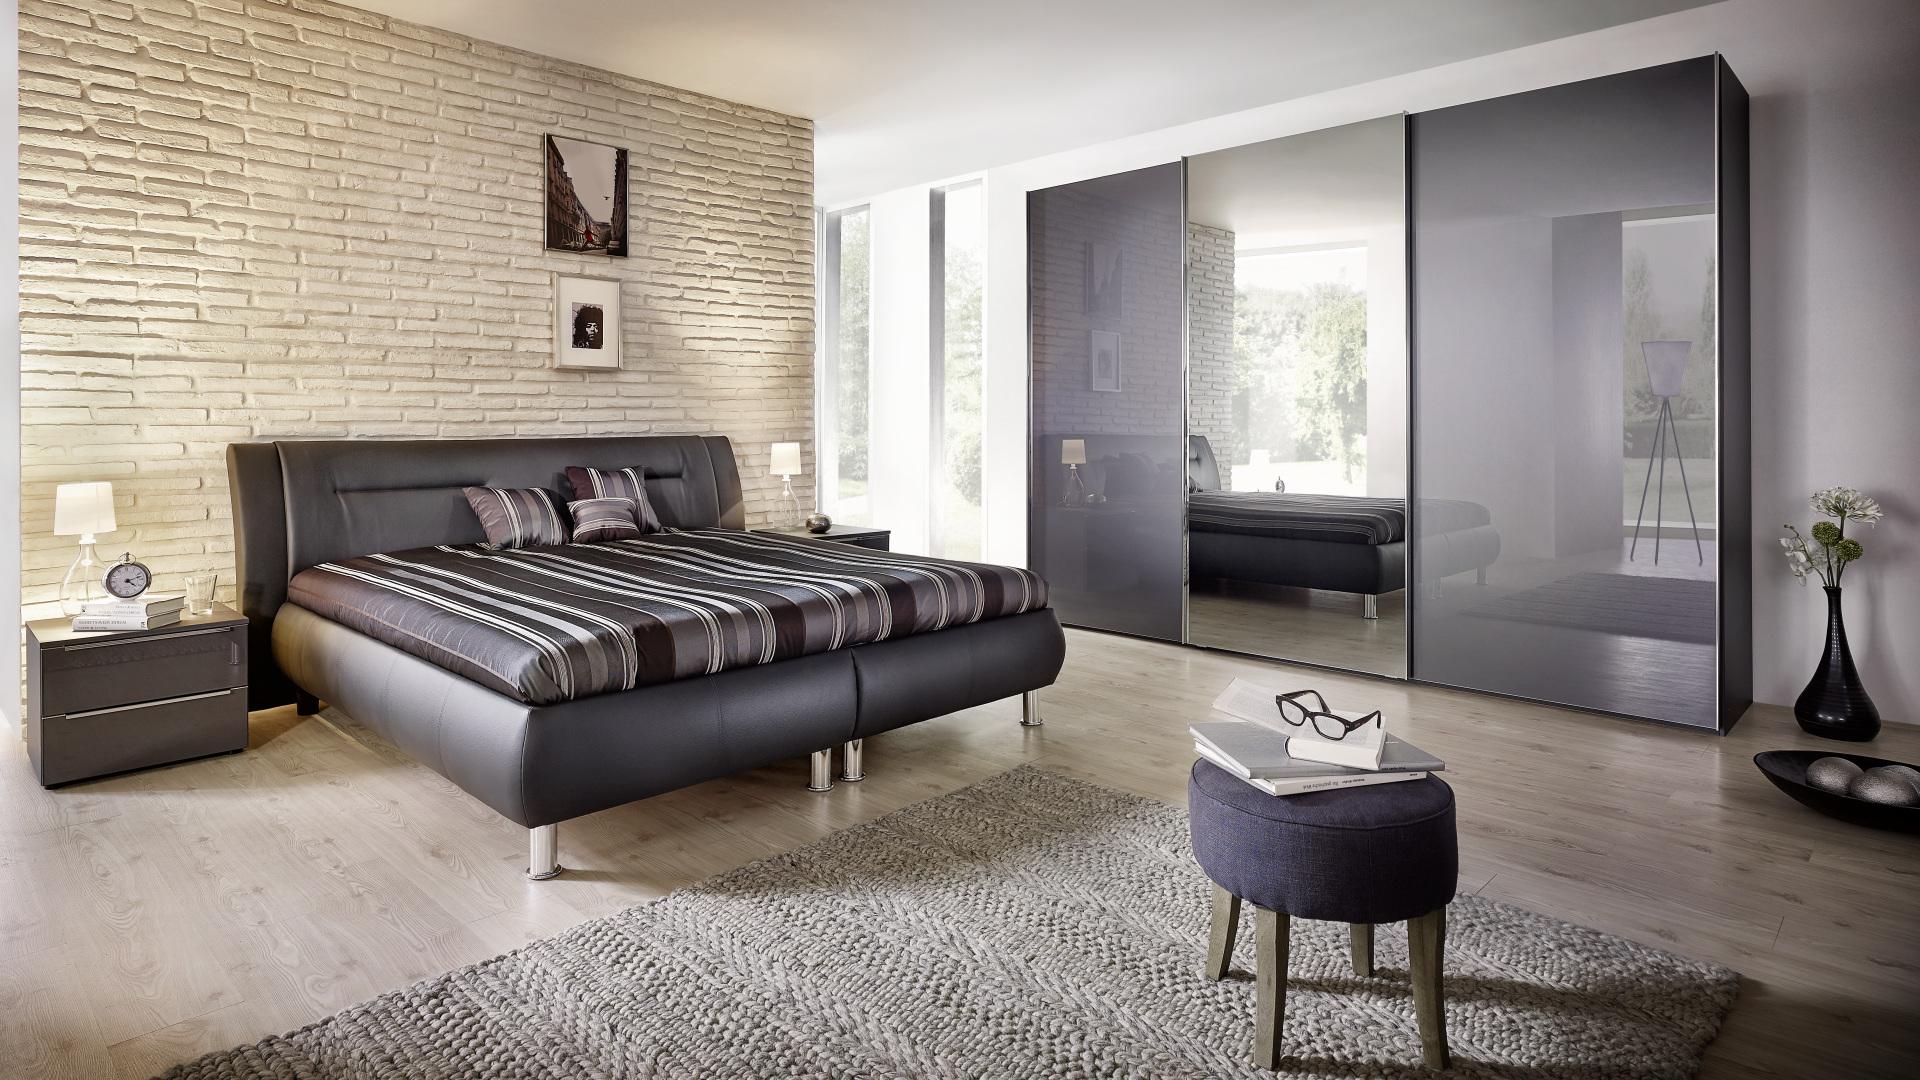 pokój z łóżkiem i meblami firmy nolte